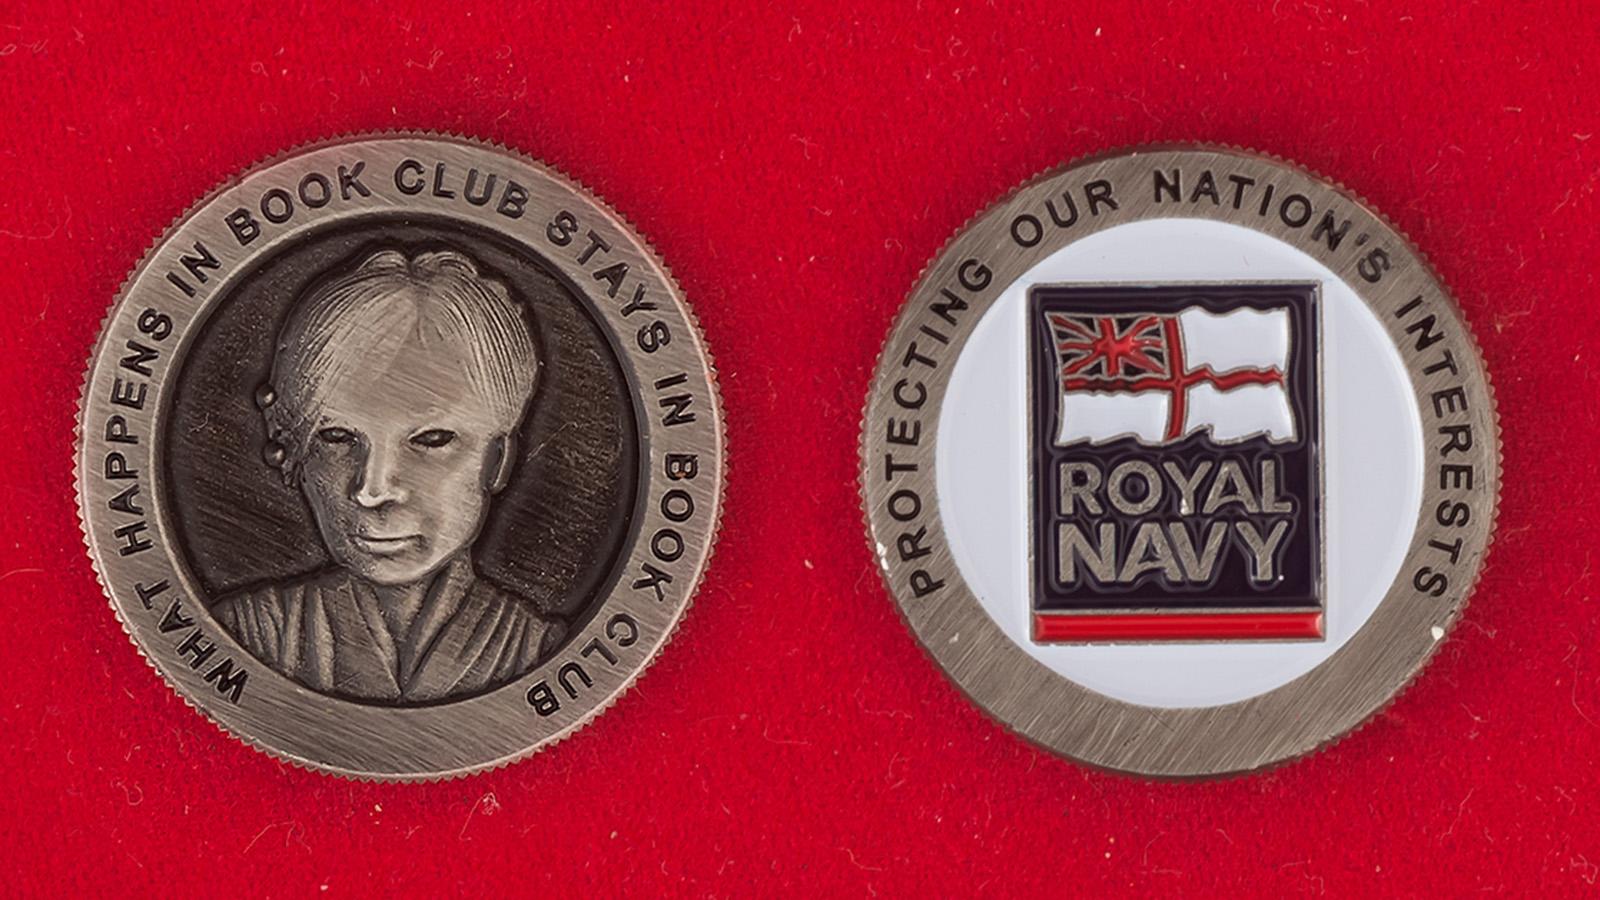 Челлендж коин книжного клуба Королевских ВМС Великобритании - аверс и реверс